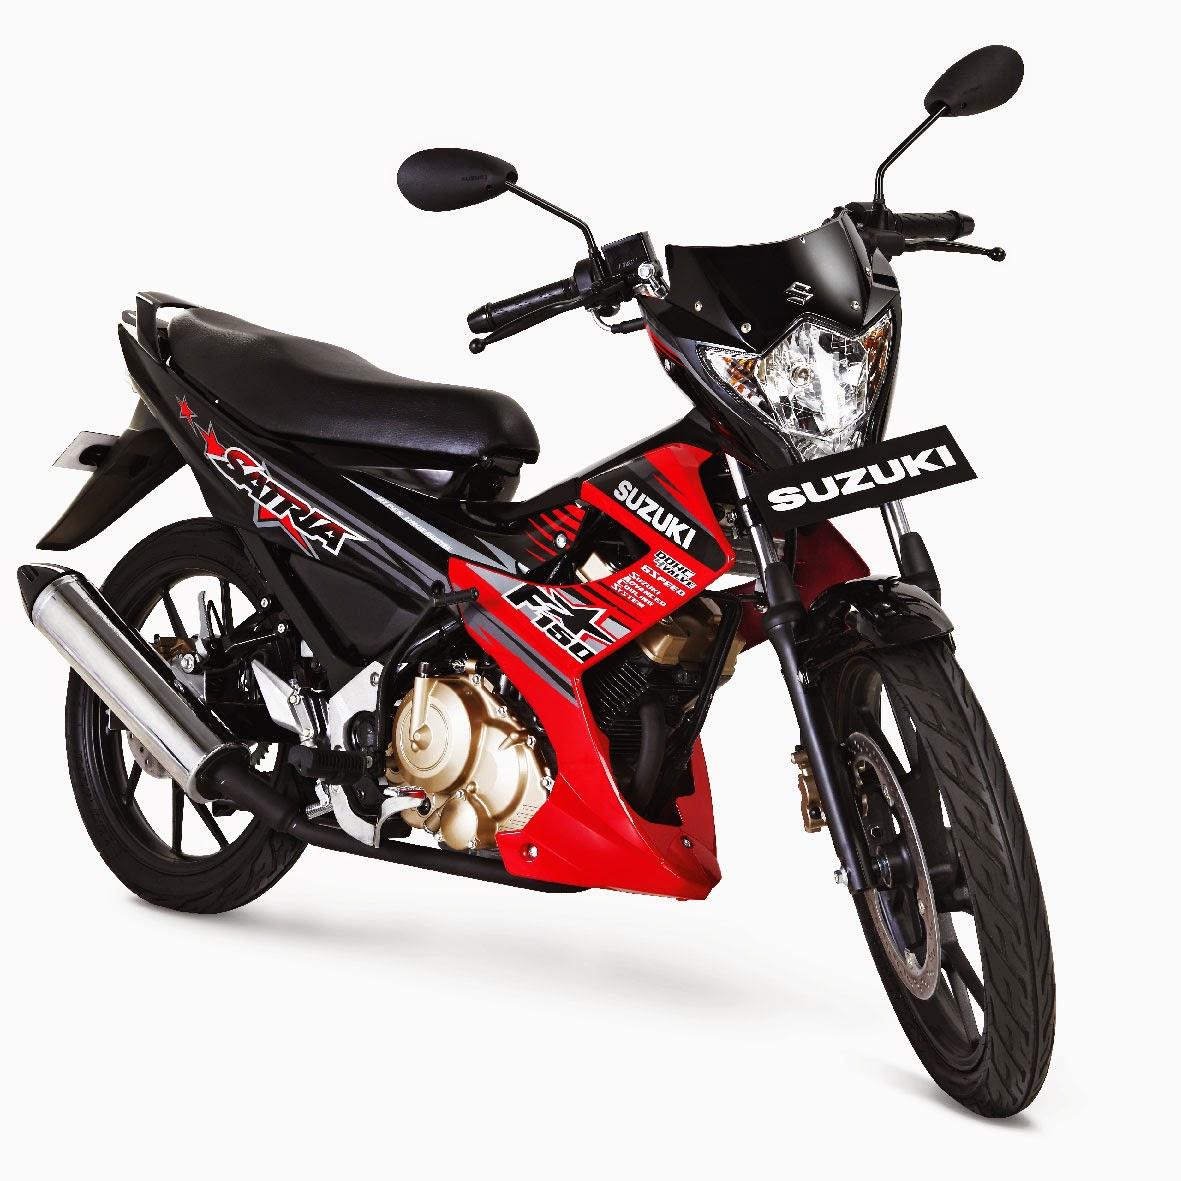 Koleksi Modifikasi Mtor Satria Fu 150 Terbaru Dunia Motor